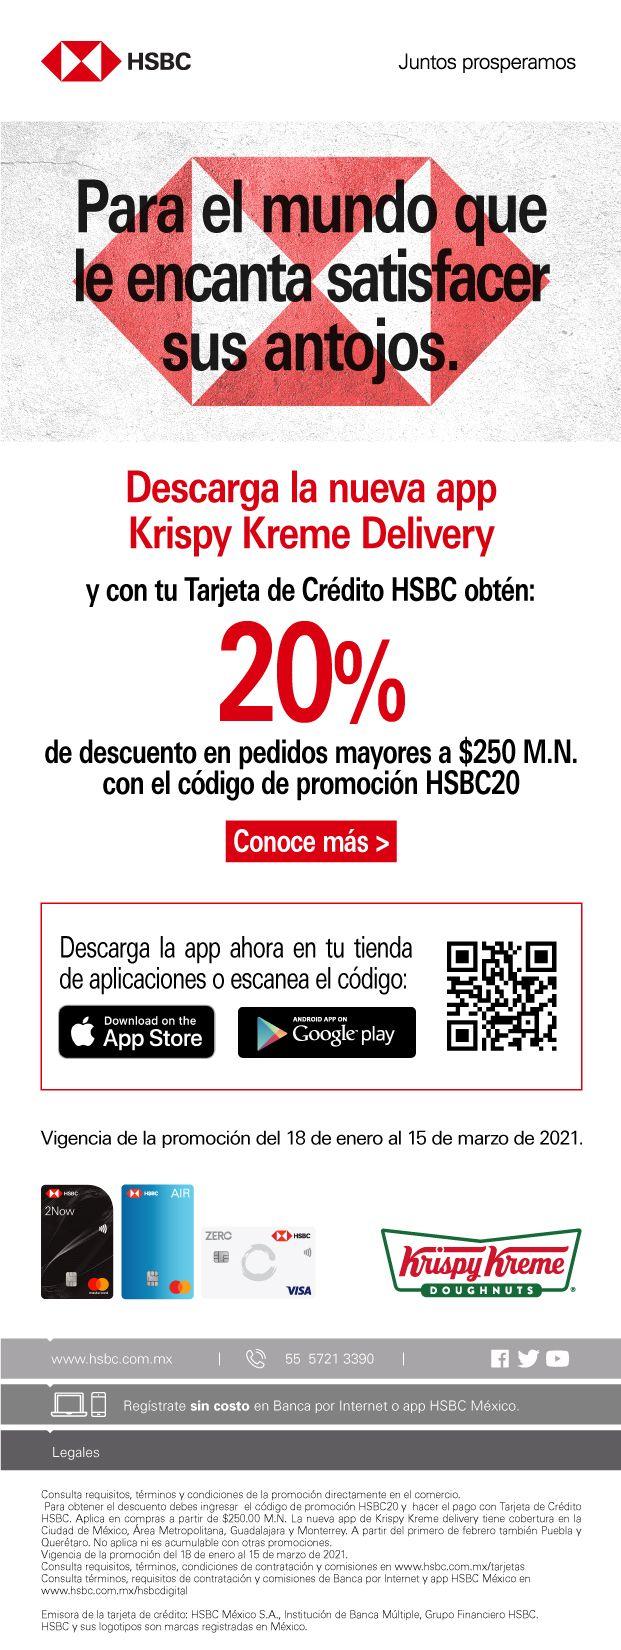 Kryspy Kreme 20% descuento en app con HSBC